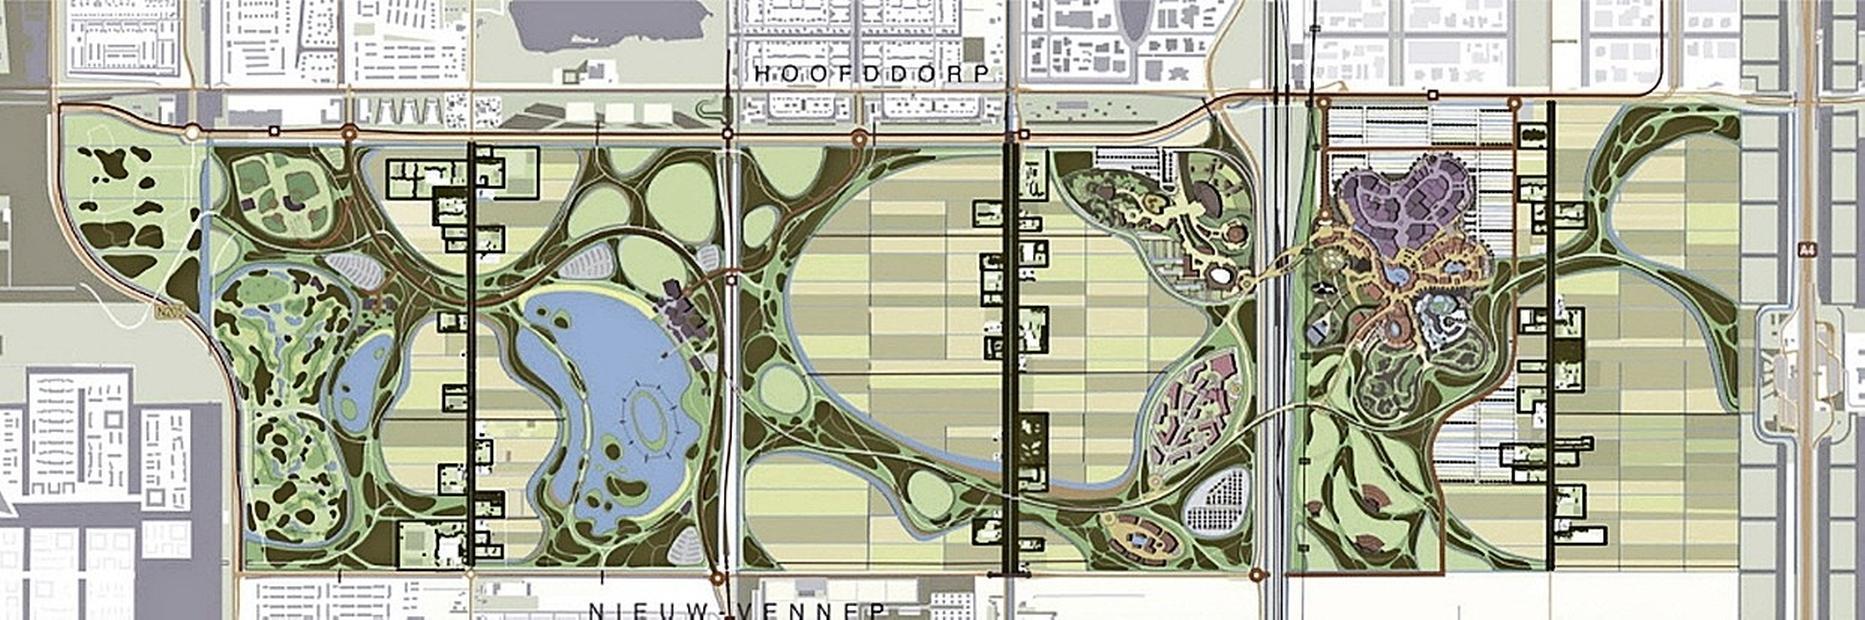 Het ooit zo ambitieuze Park21 wordt een 'gewoon' recreatiegebied